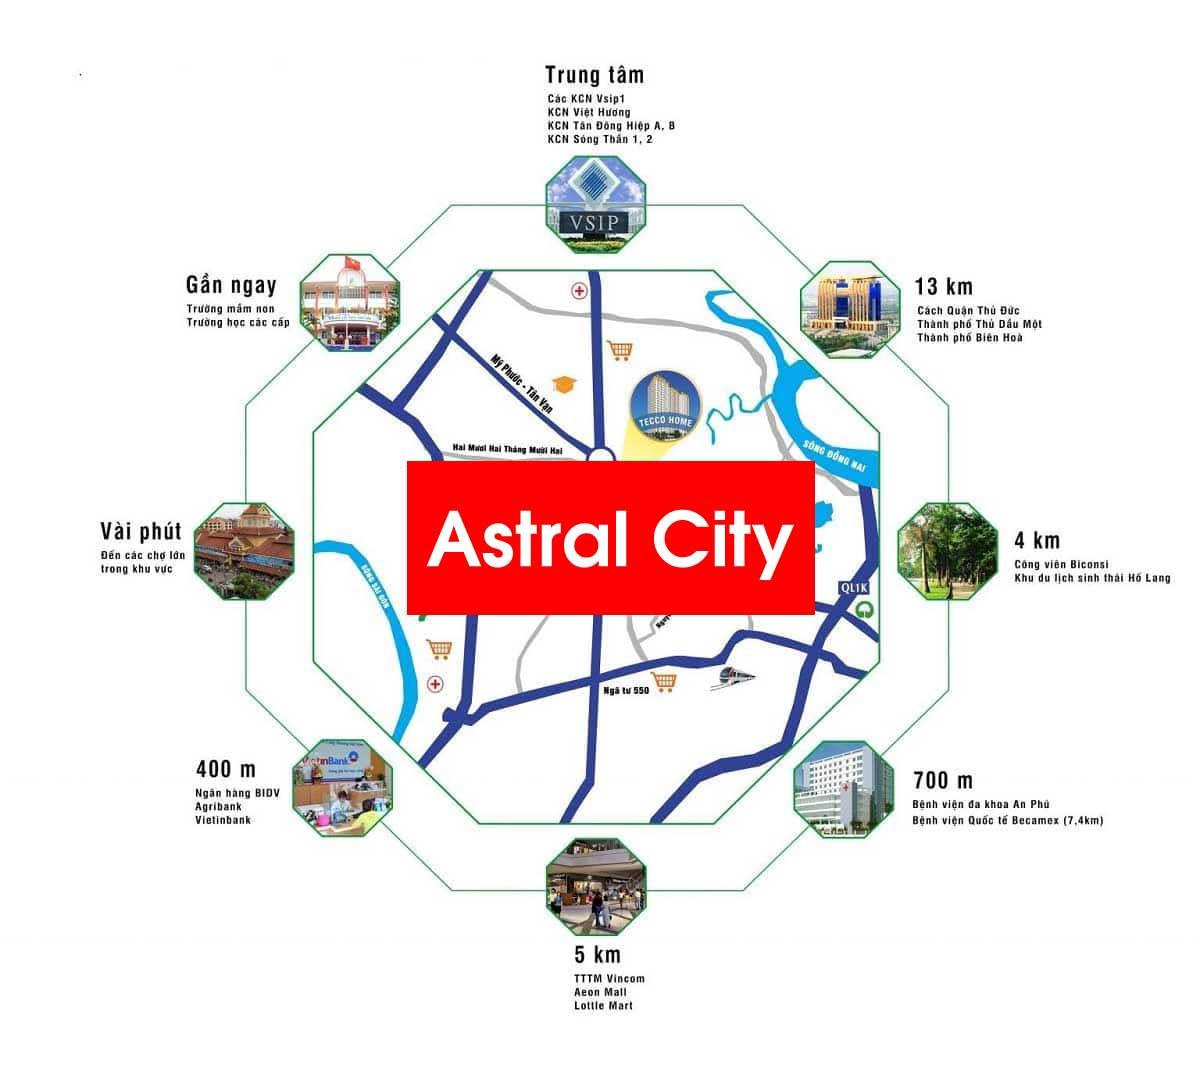 tien ich lien ket vung du an can ho astral city - ASTRAL CITY